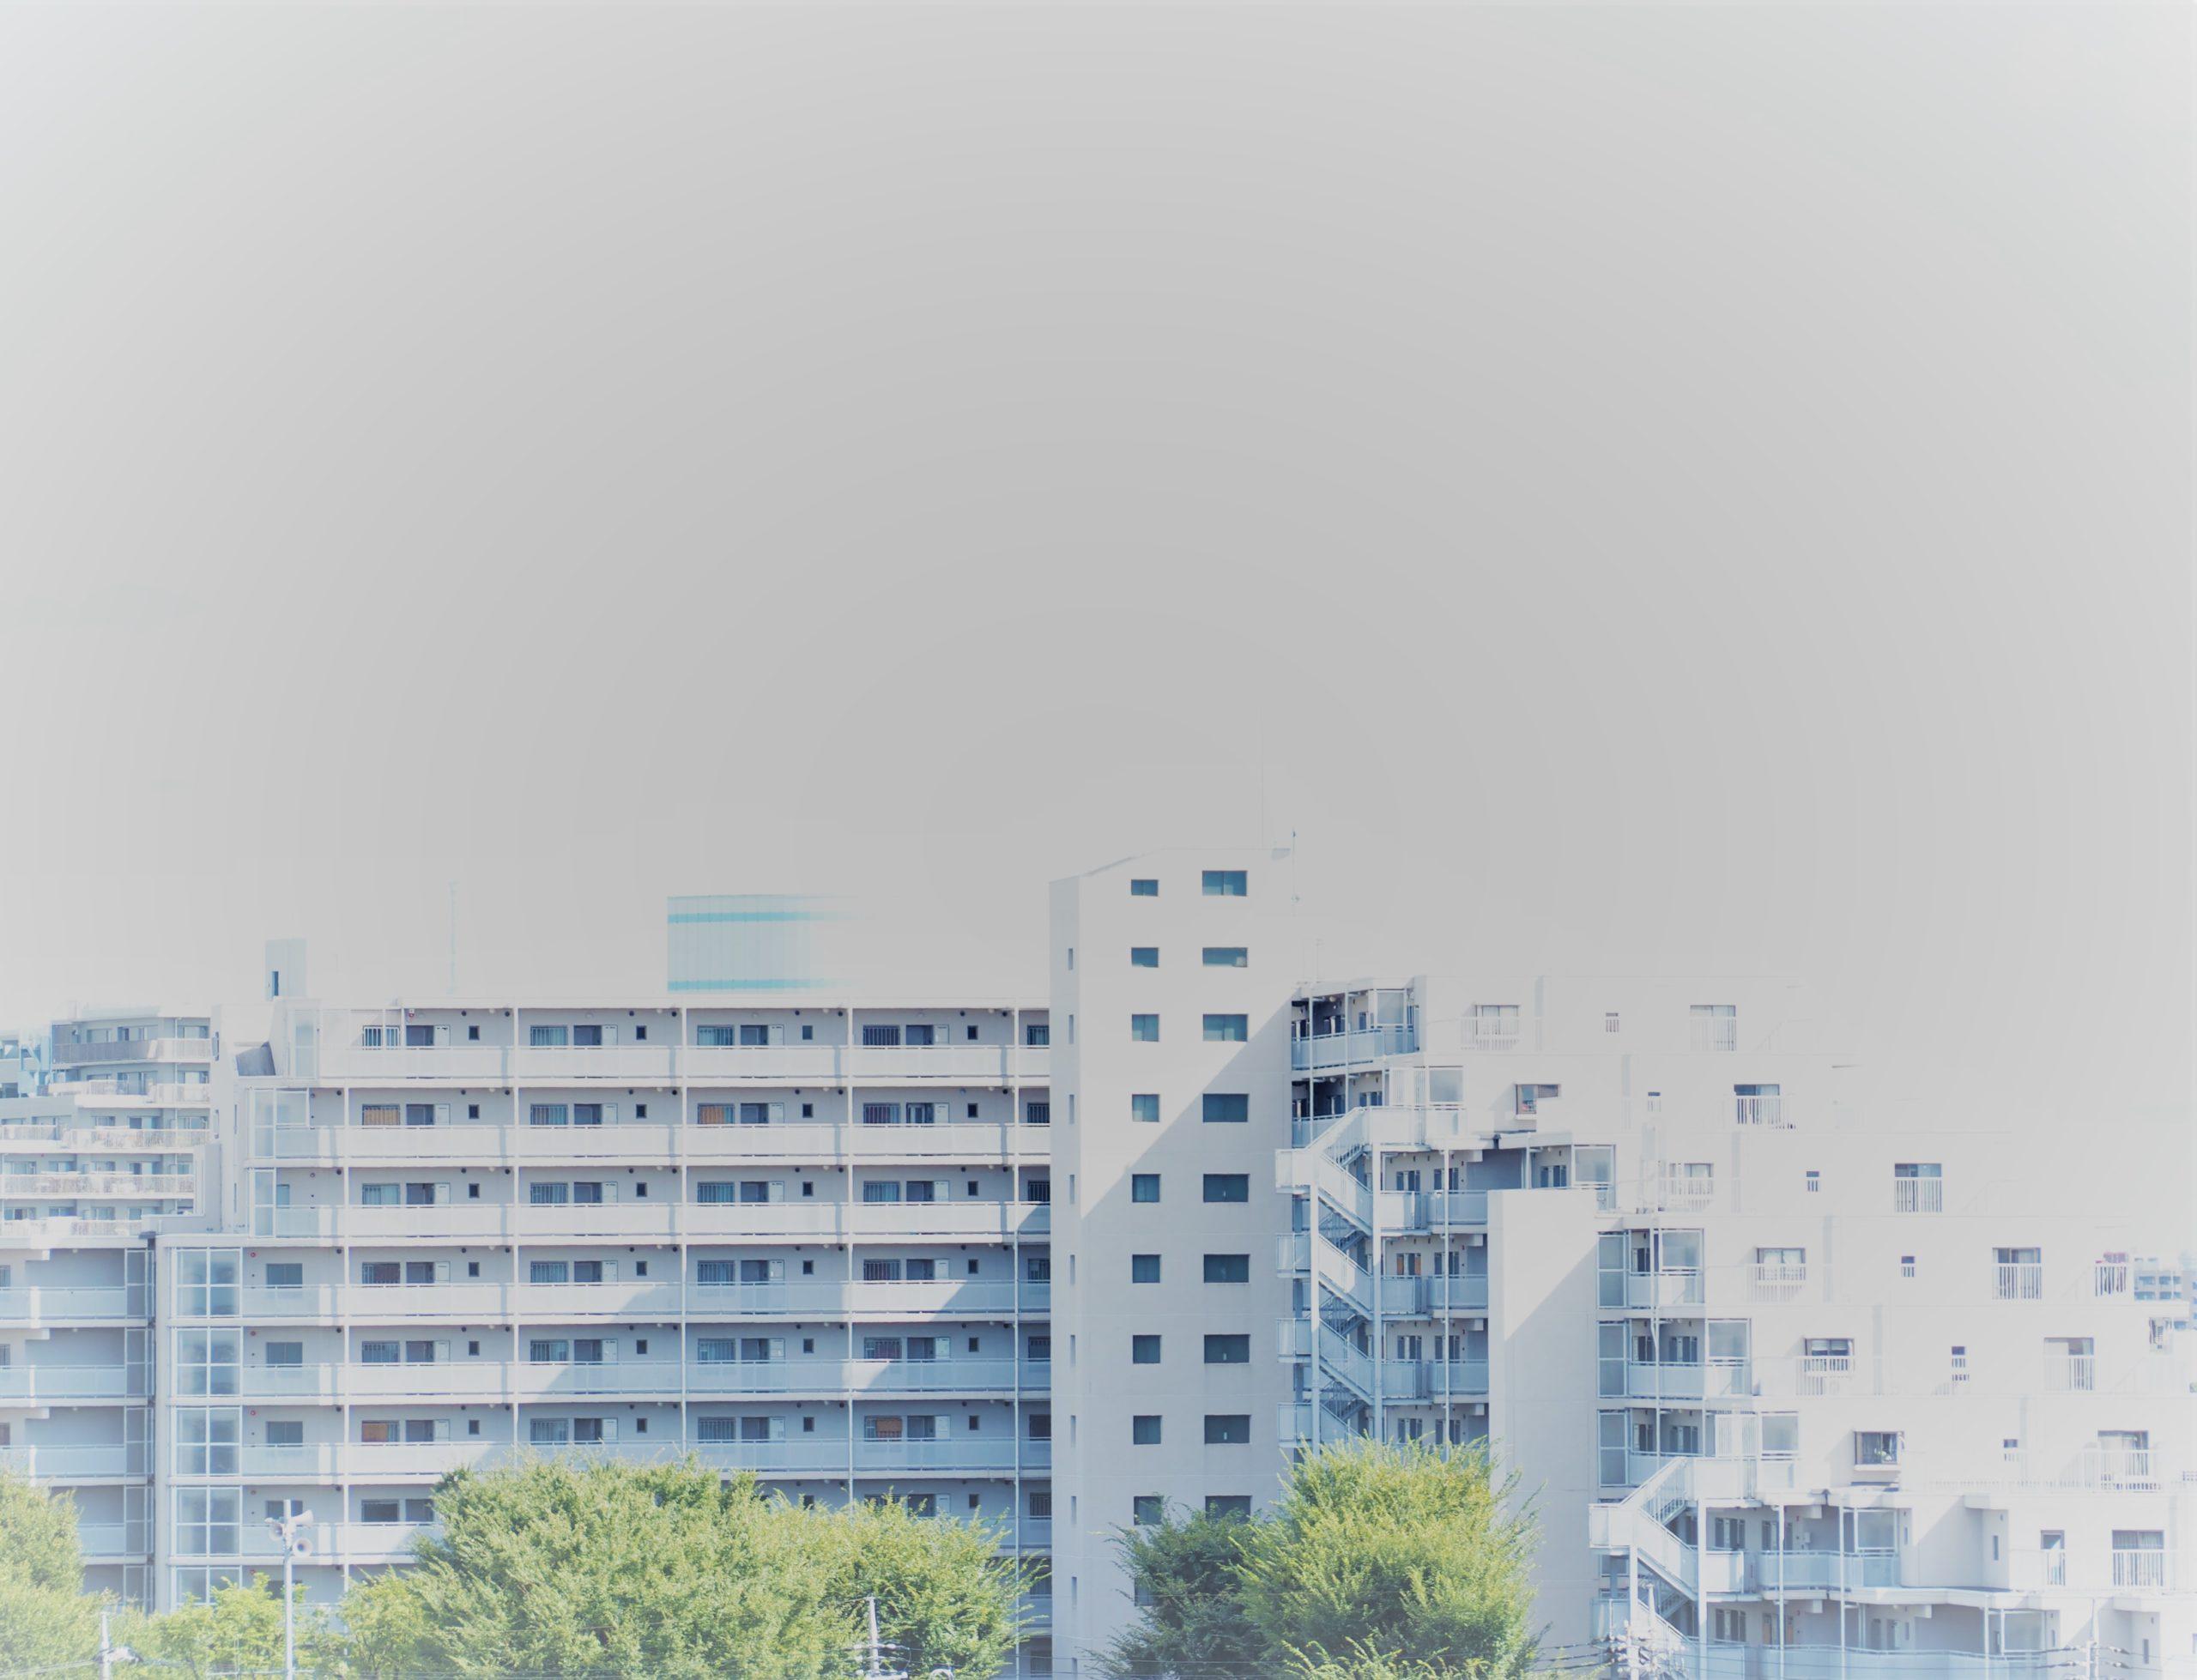 需給バランスと割安感で復調<br> ―首都圏郊外マンション市場を見る